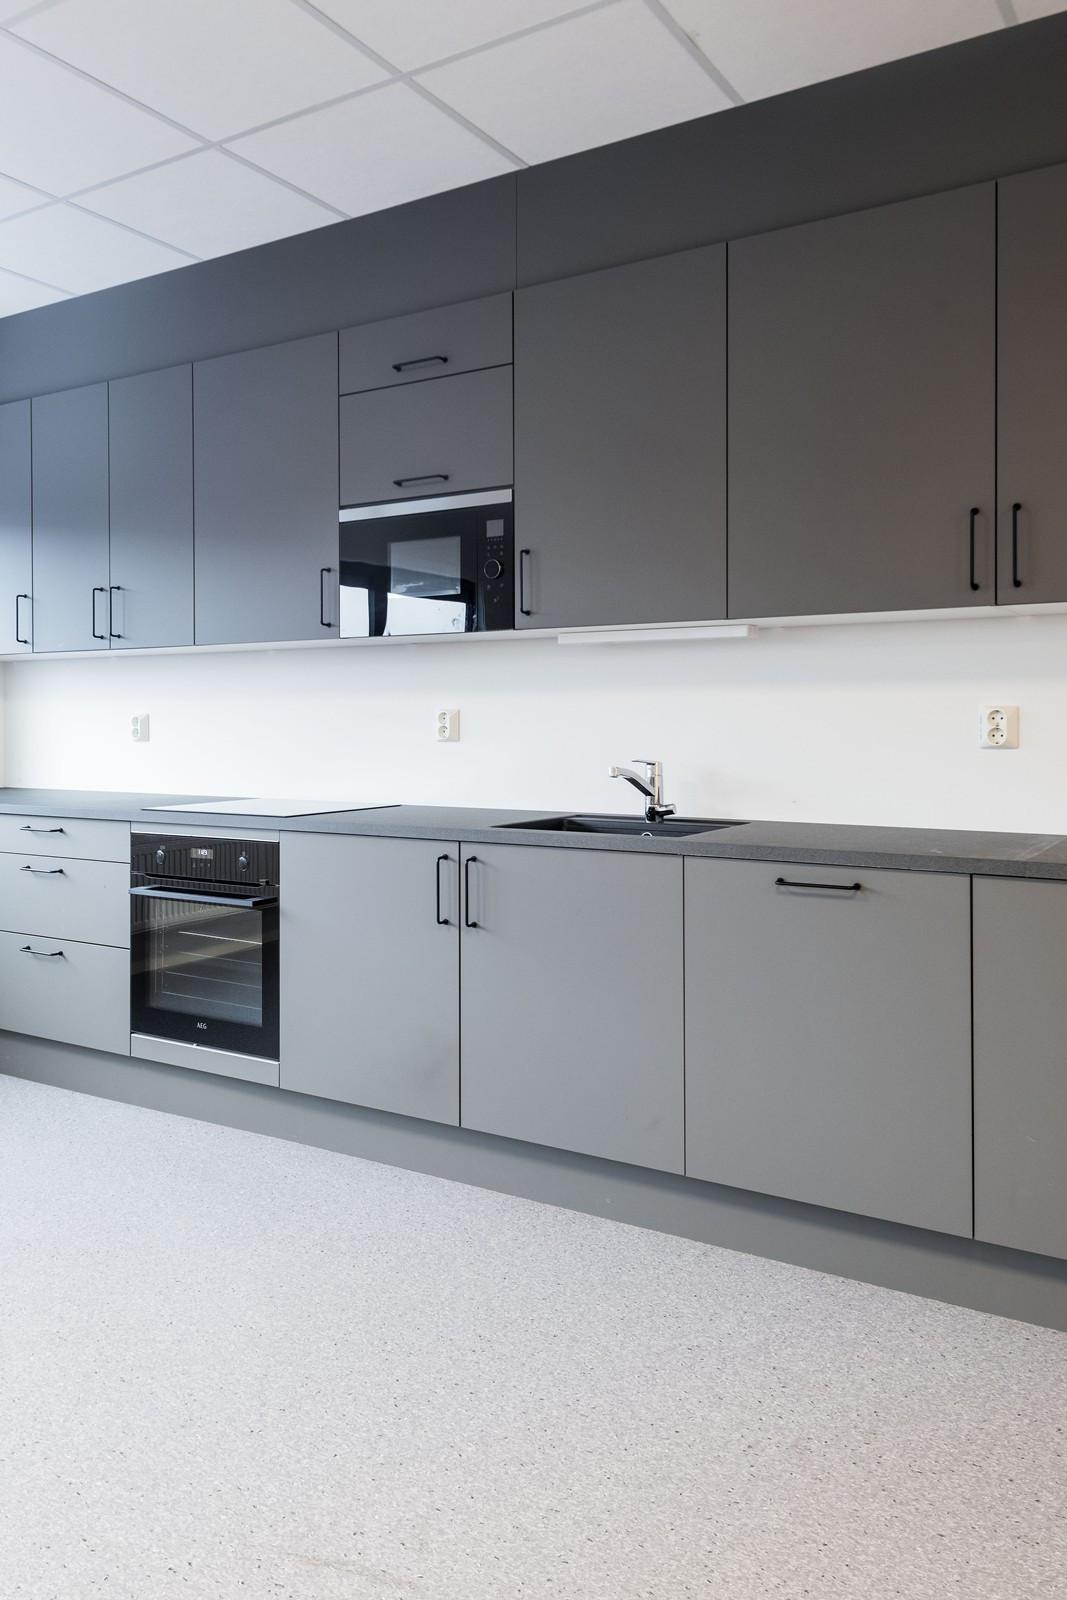 Moderne kjøkken / kantine med integrerte hvitevarer (felles) - BYGG 1